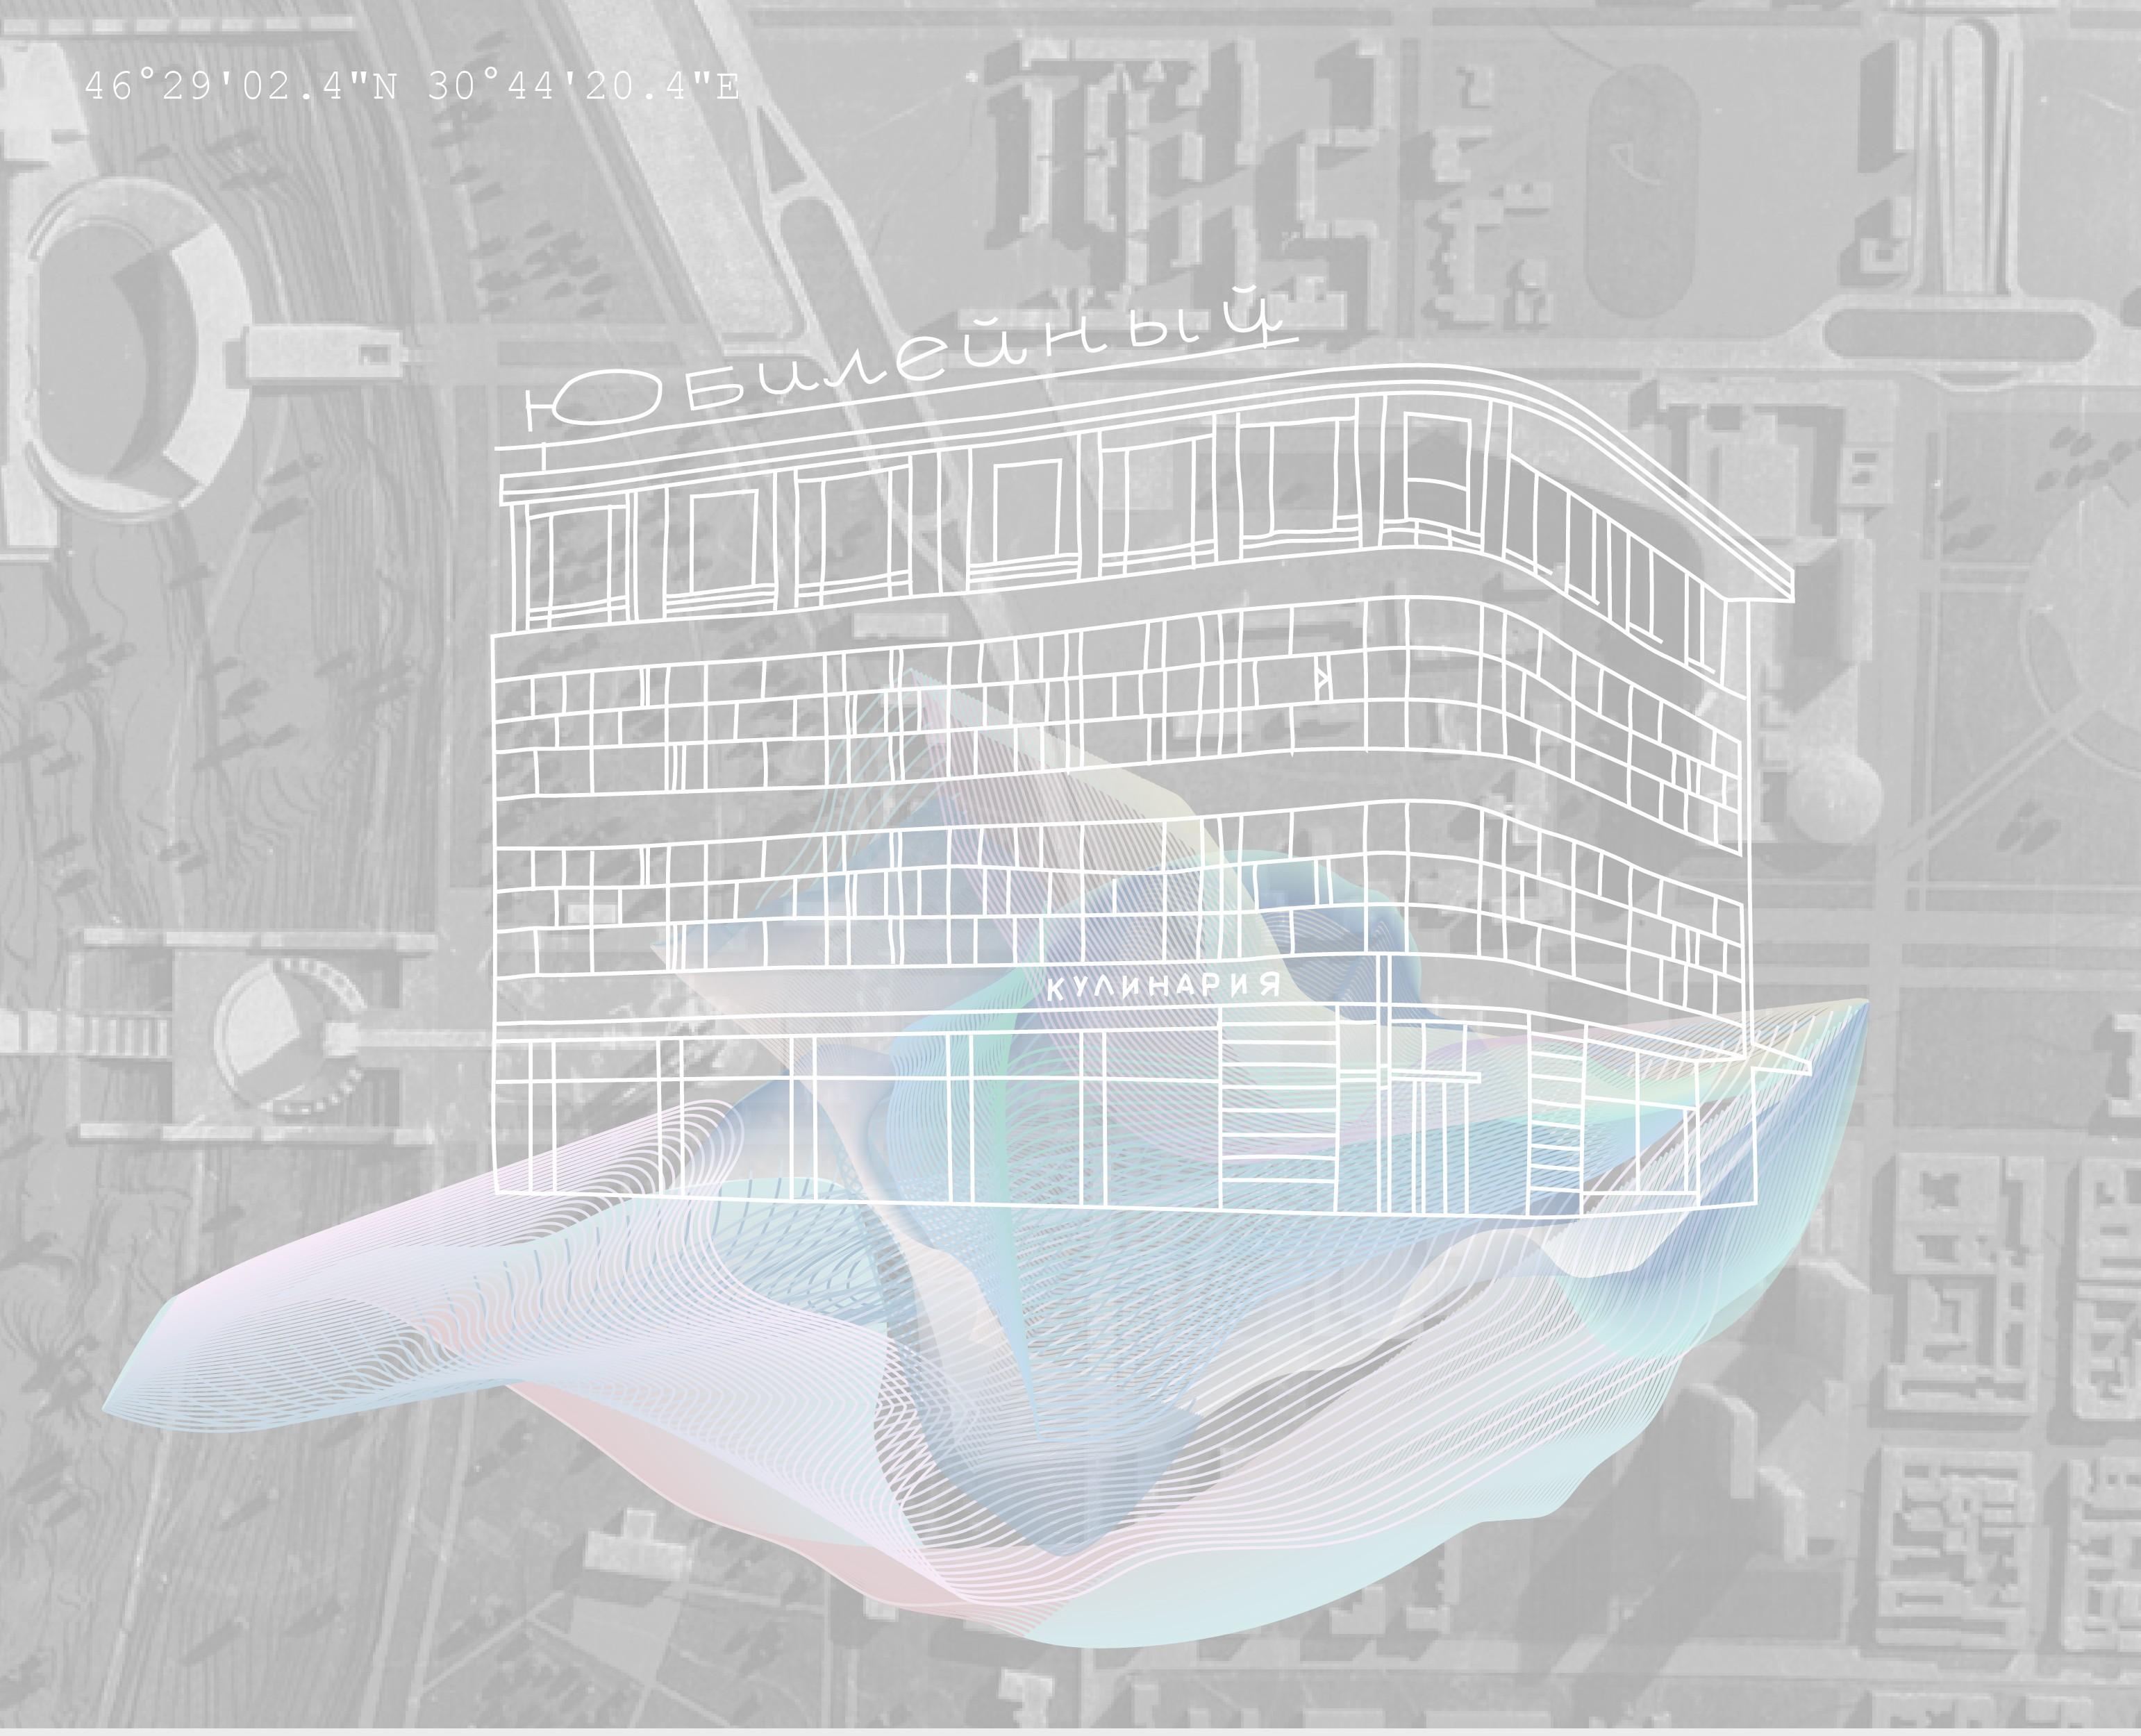 Революционный держим шаг: советские проекты перестройки центра Одессы